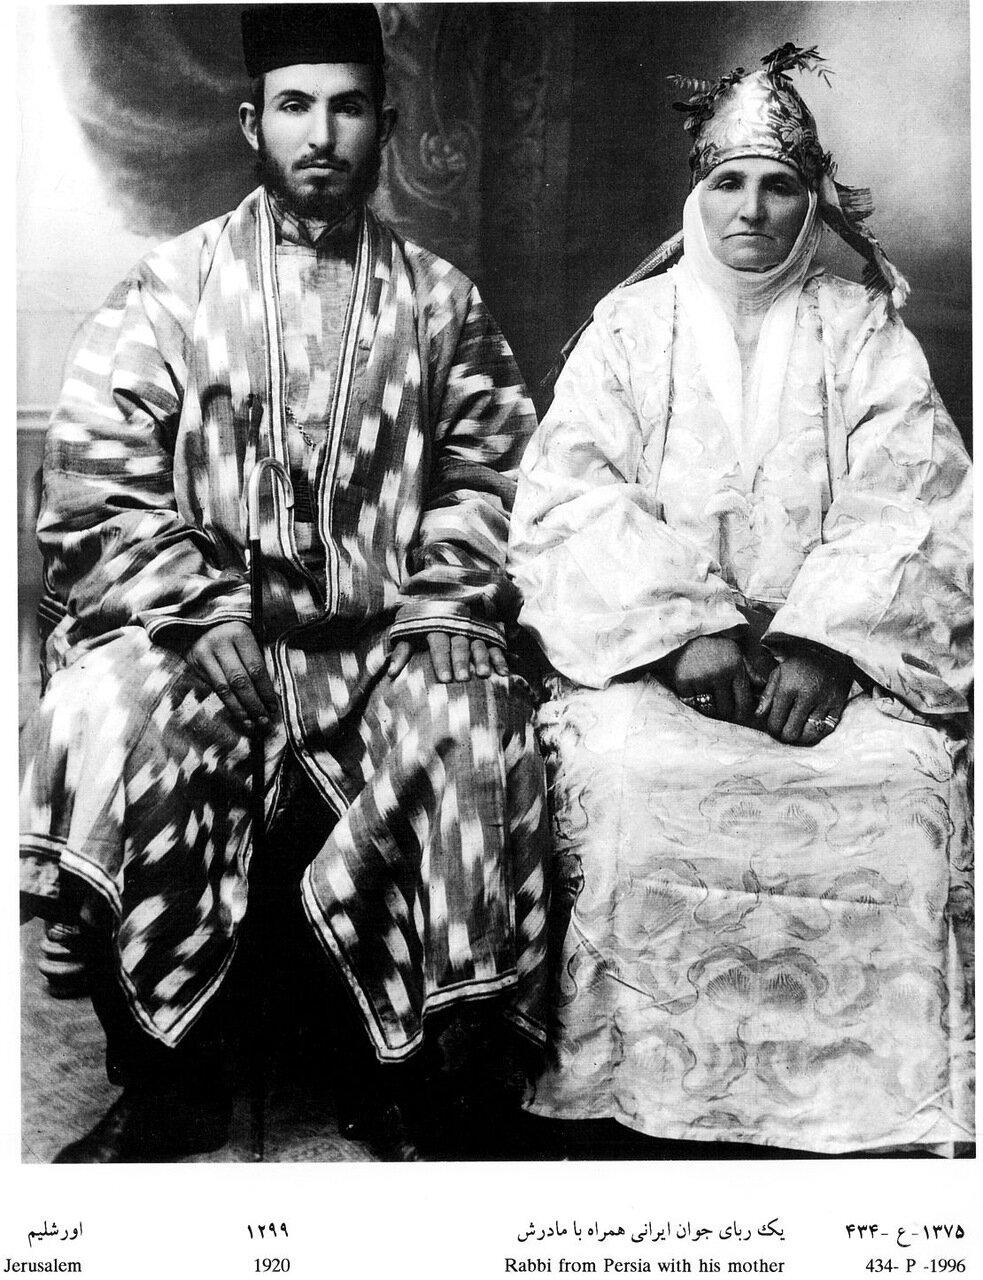 Раввин из Персии с матерью, Иерусалим, 1920